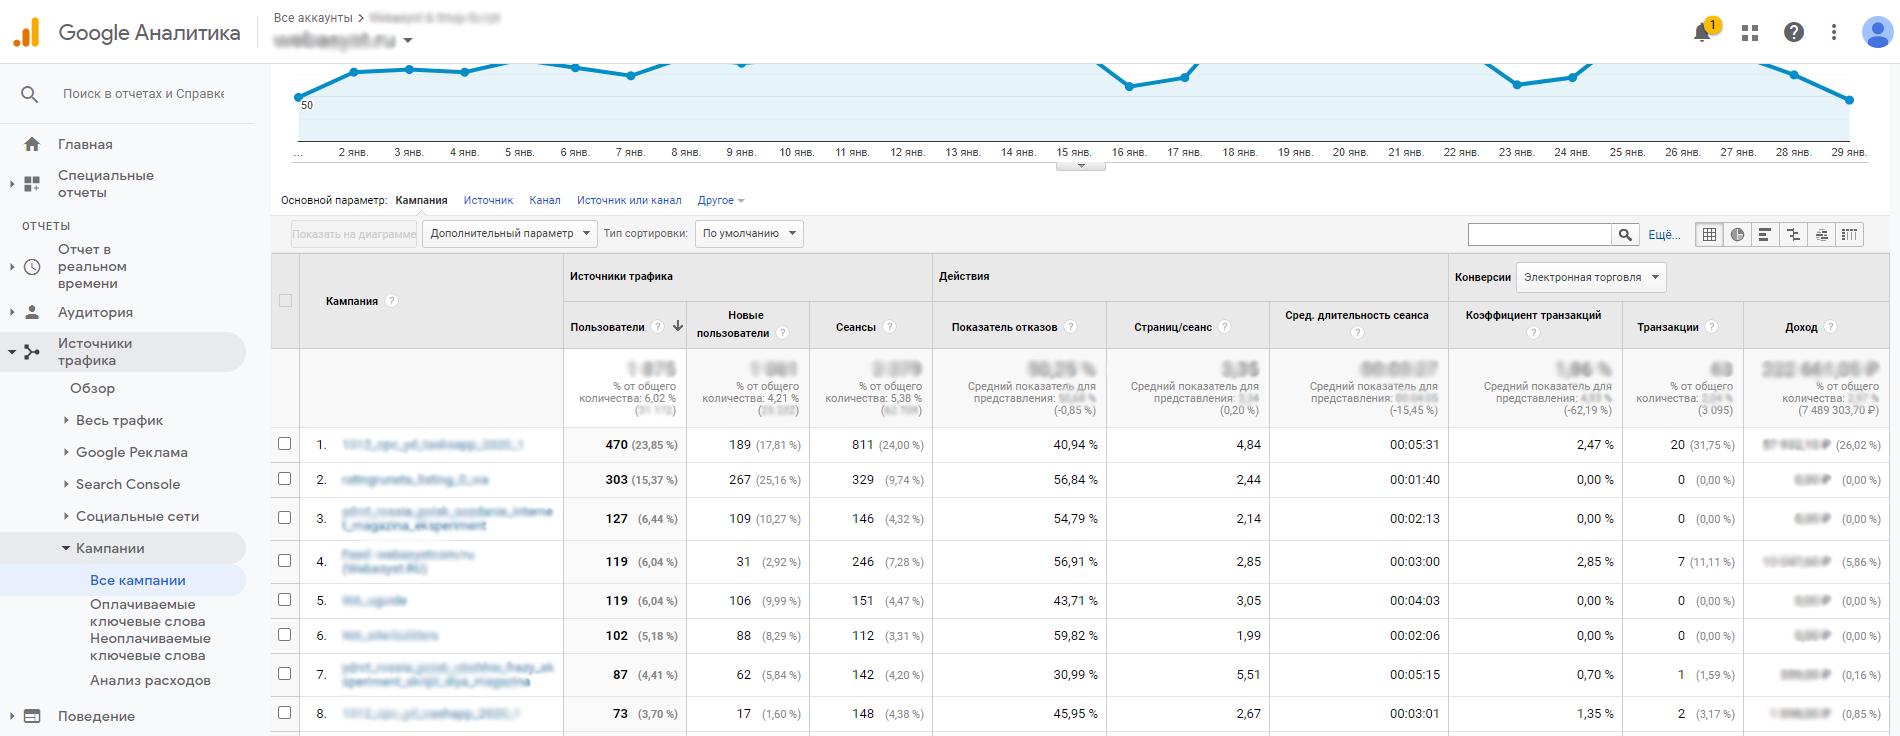 Отчет по рекламным кампаниям Гугл Аналитика